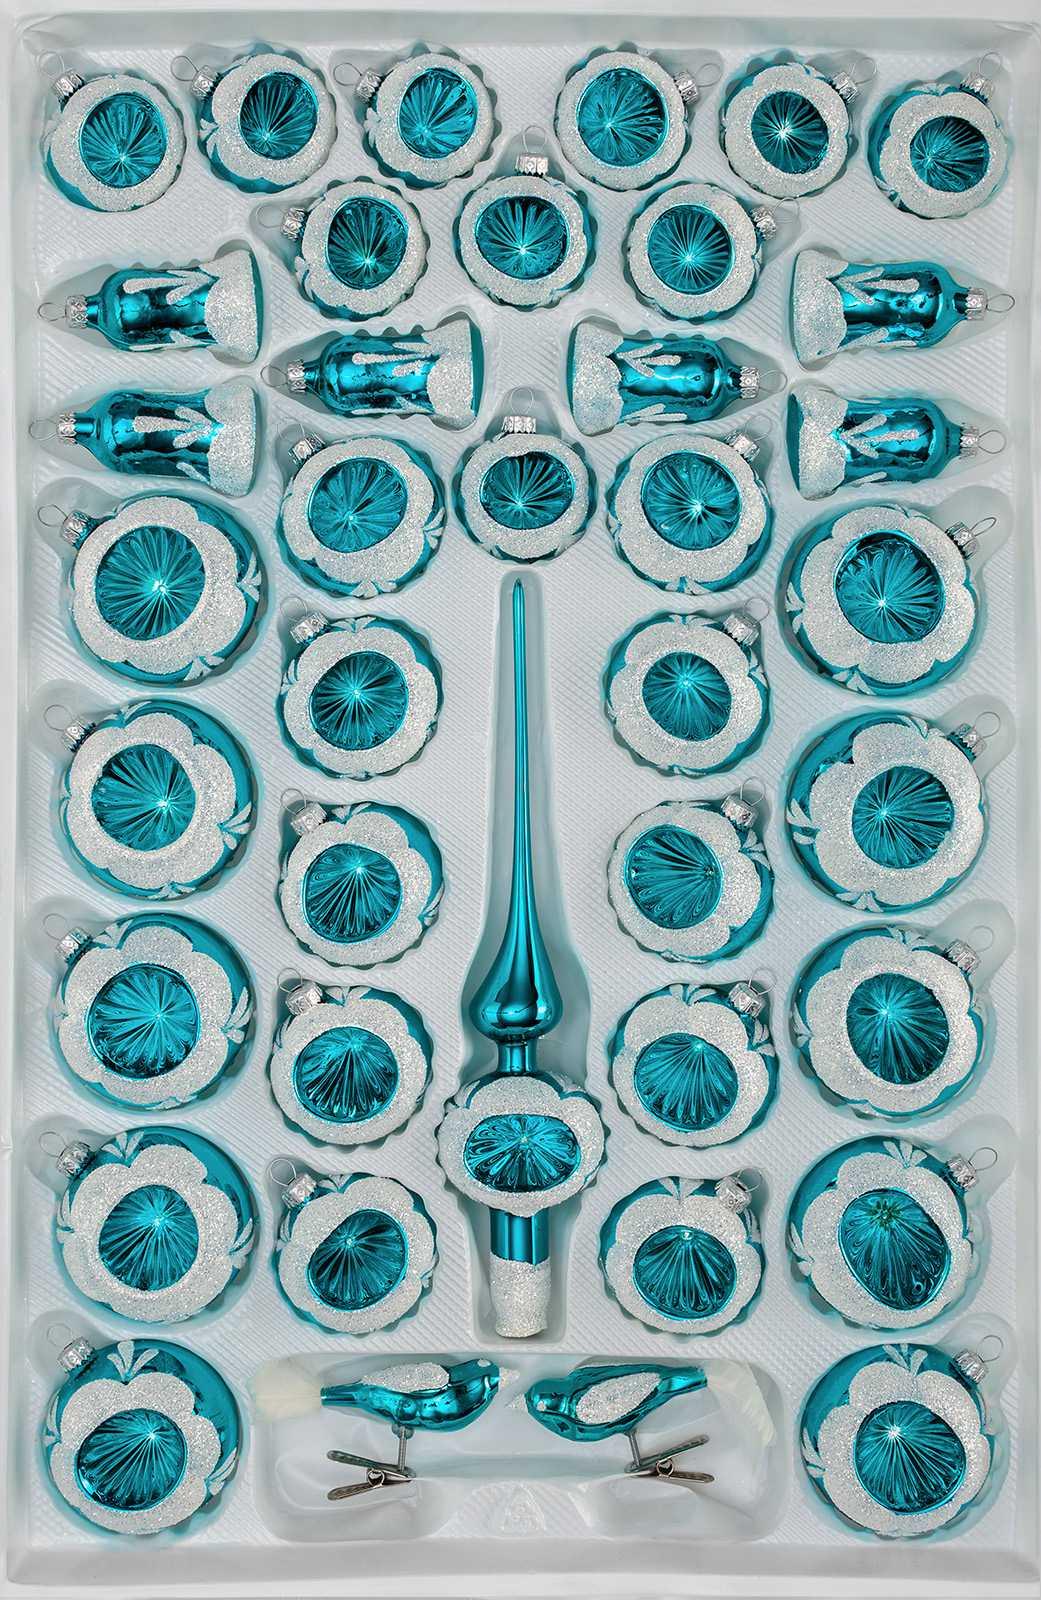 Christbaumkugeln Türkis Glas.39 Tlg Glas Weihnachtskugeln Set In Hochglanz Vintage Türkis Reflektorkugeln